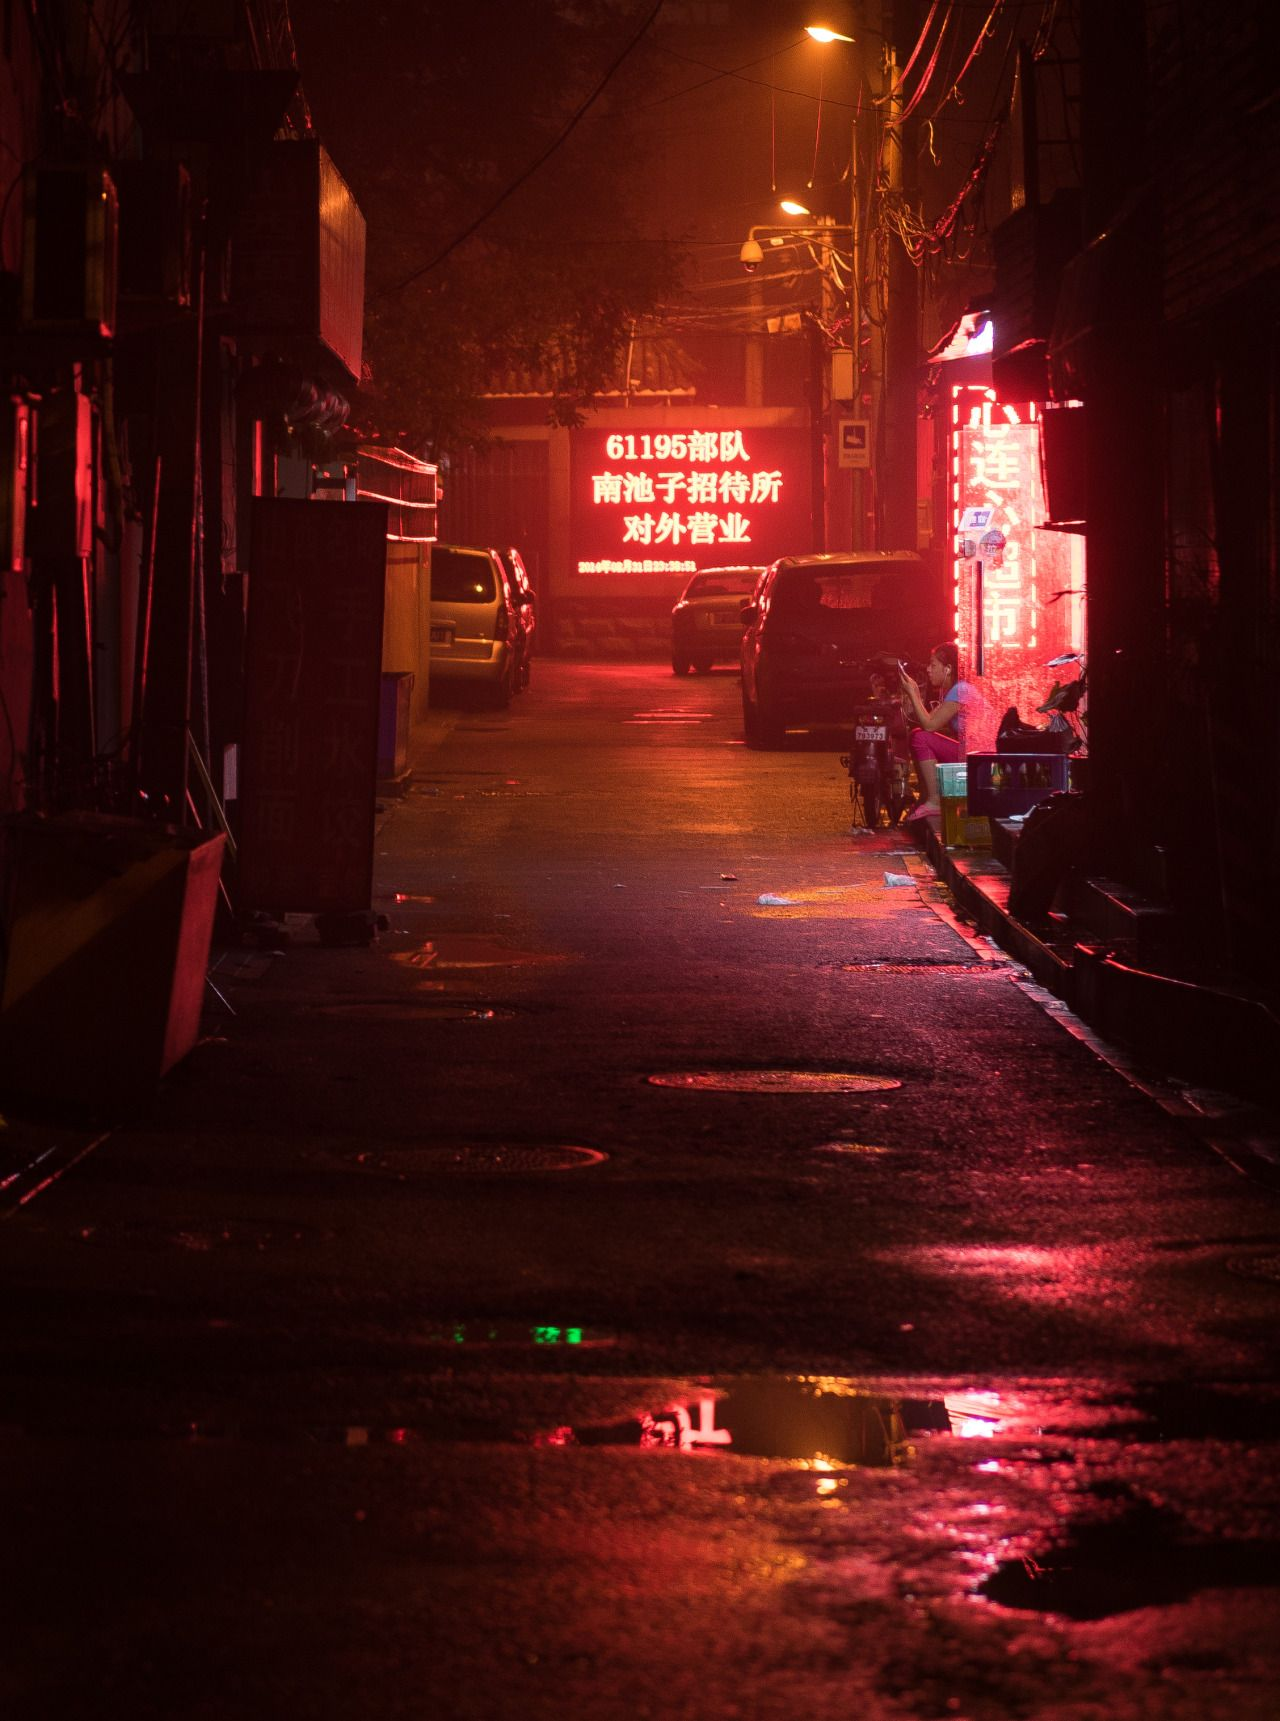 neon aesthetics Photo City aesthetic, Landscape